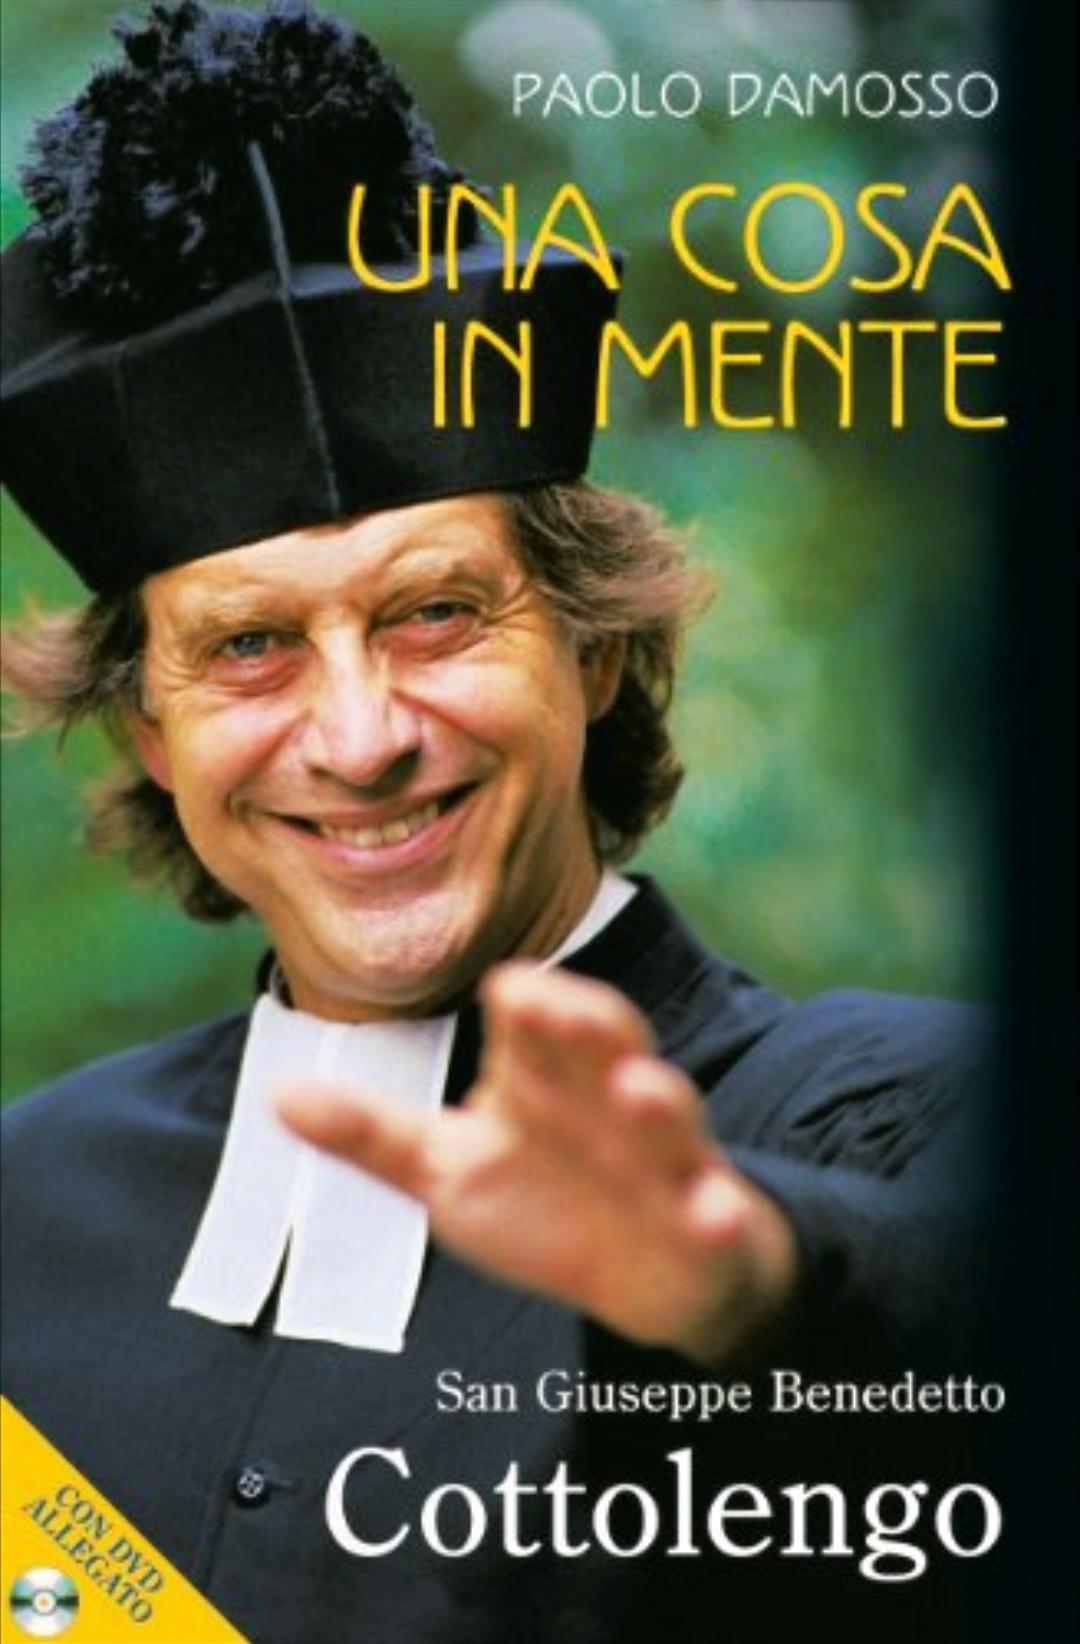 Massimo Wertmüller in Una cosa in mente. Giuseppe Benedetto Cottolengo (2004)